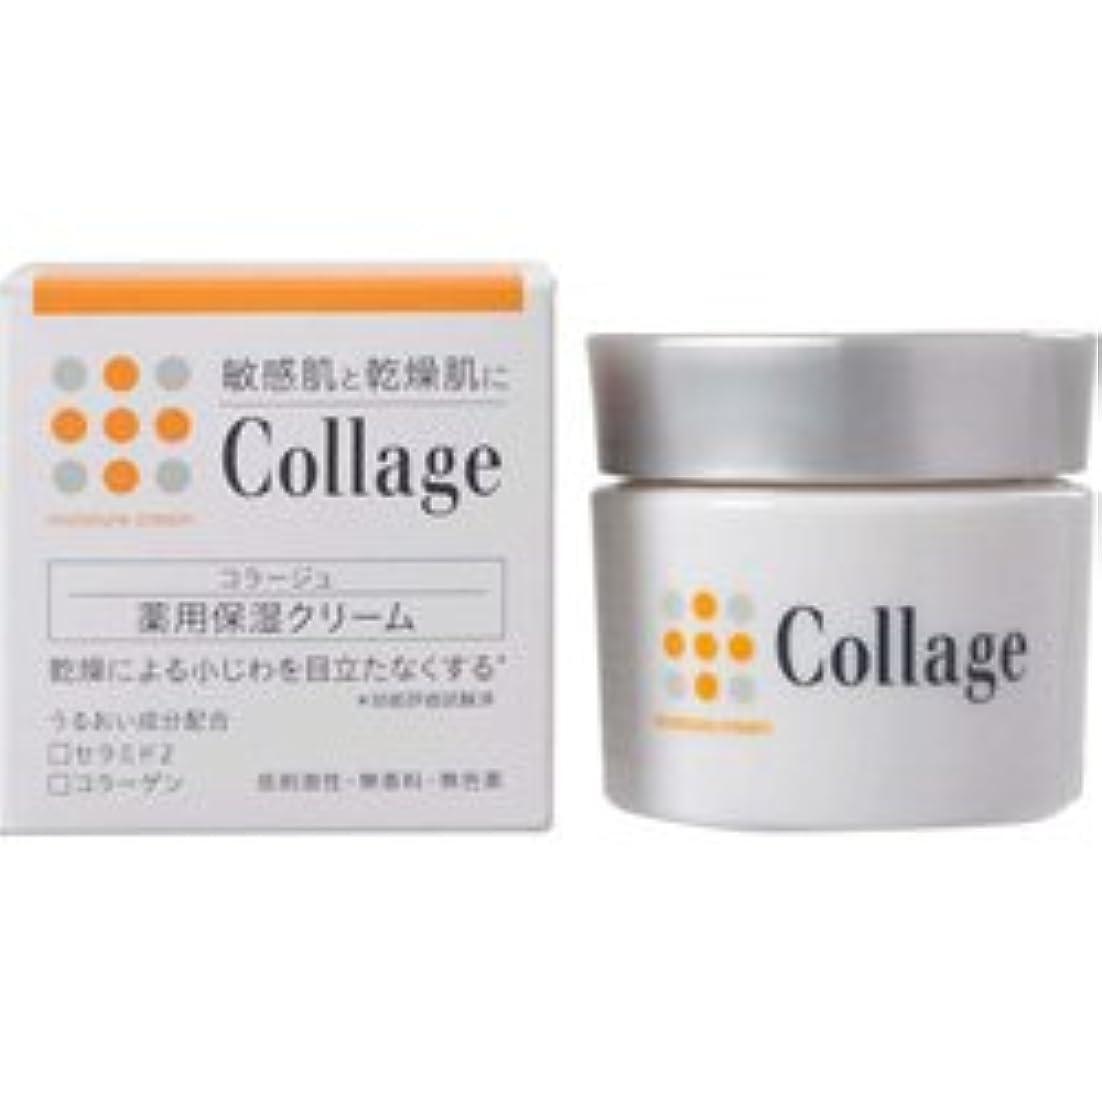 形状反対屋内で【持田ヘルスケア】 コラージュ薬用保湿クリーム 30g (医薬部外品) ×3個セット